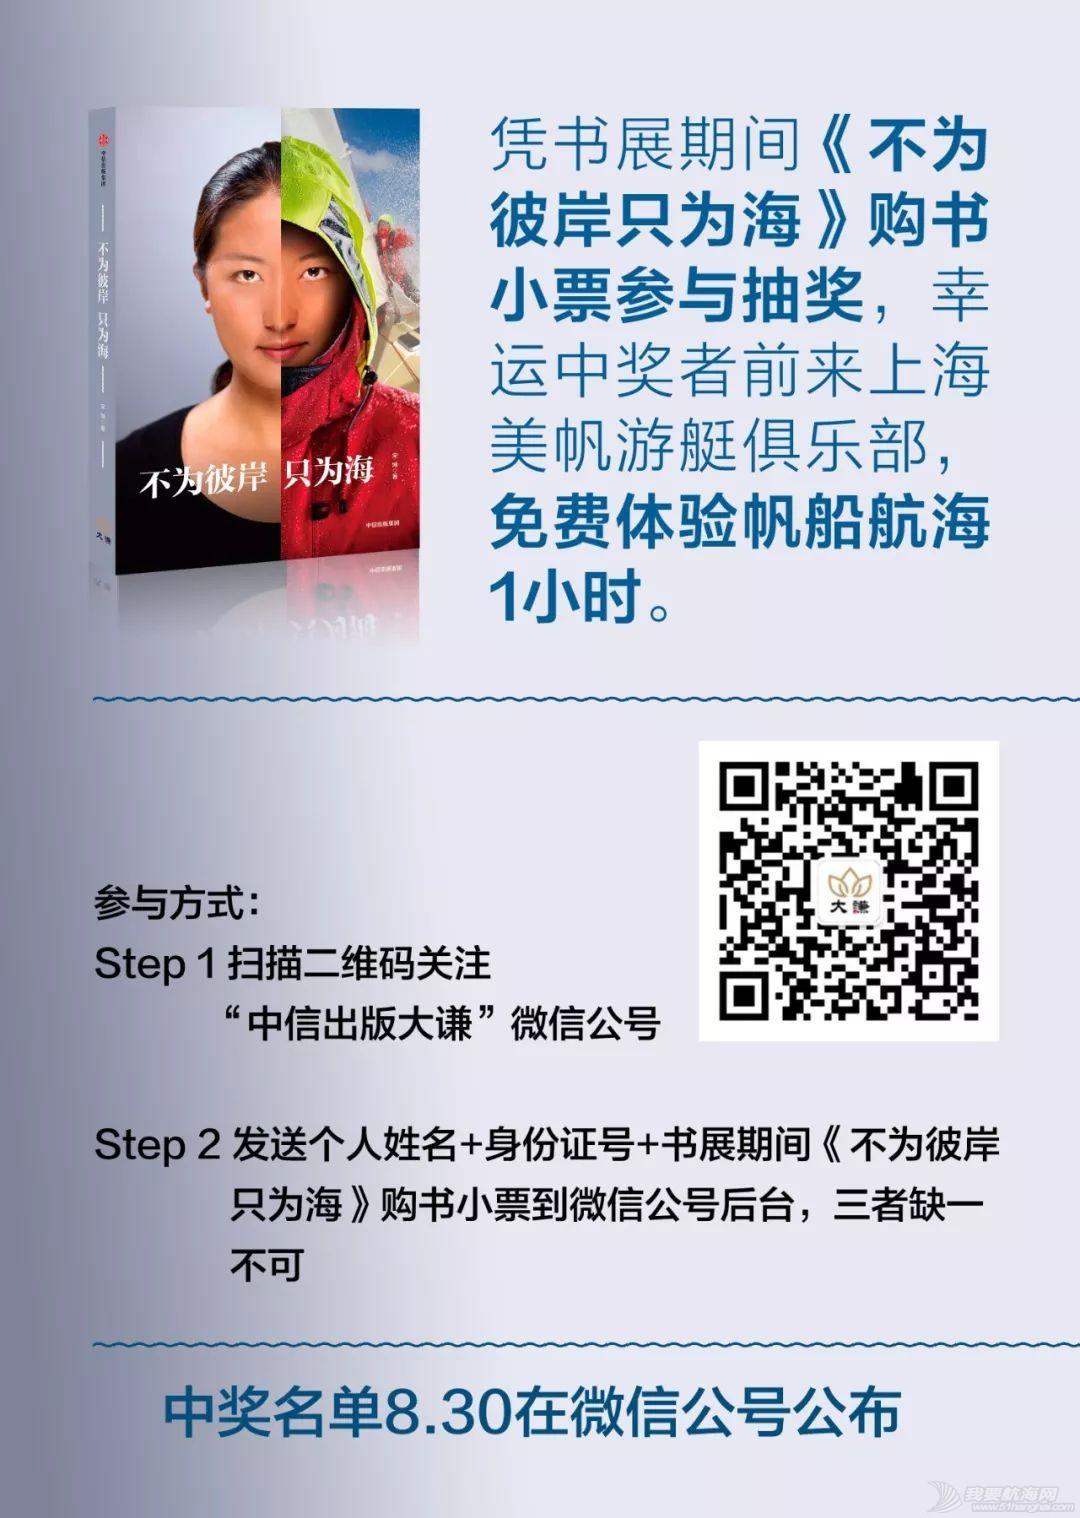 预告|宋坤《不为彼岸只为海》新书分享会·上海站(抽赠航海体验)w2.jpg